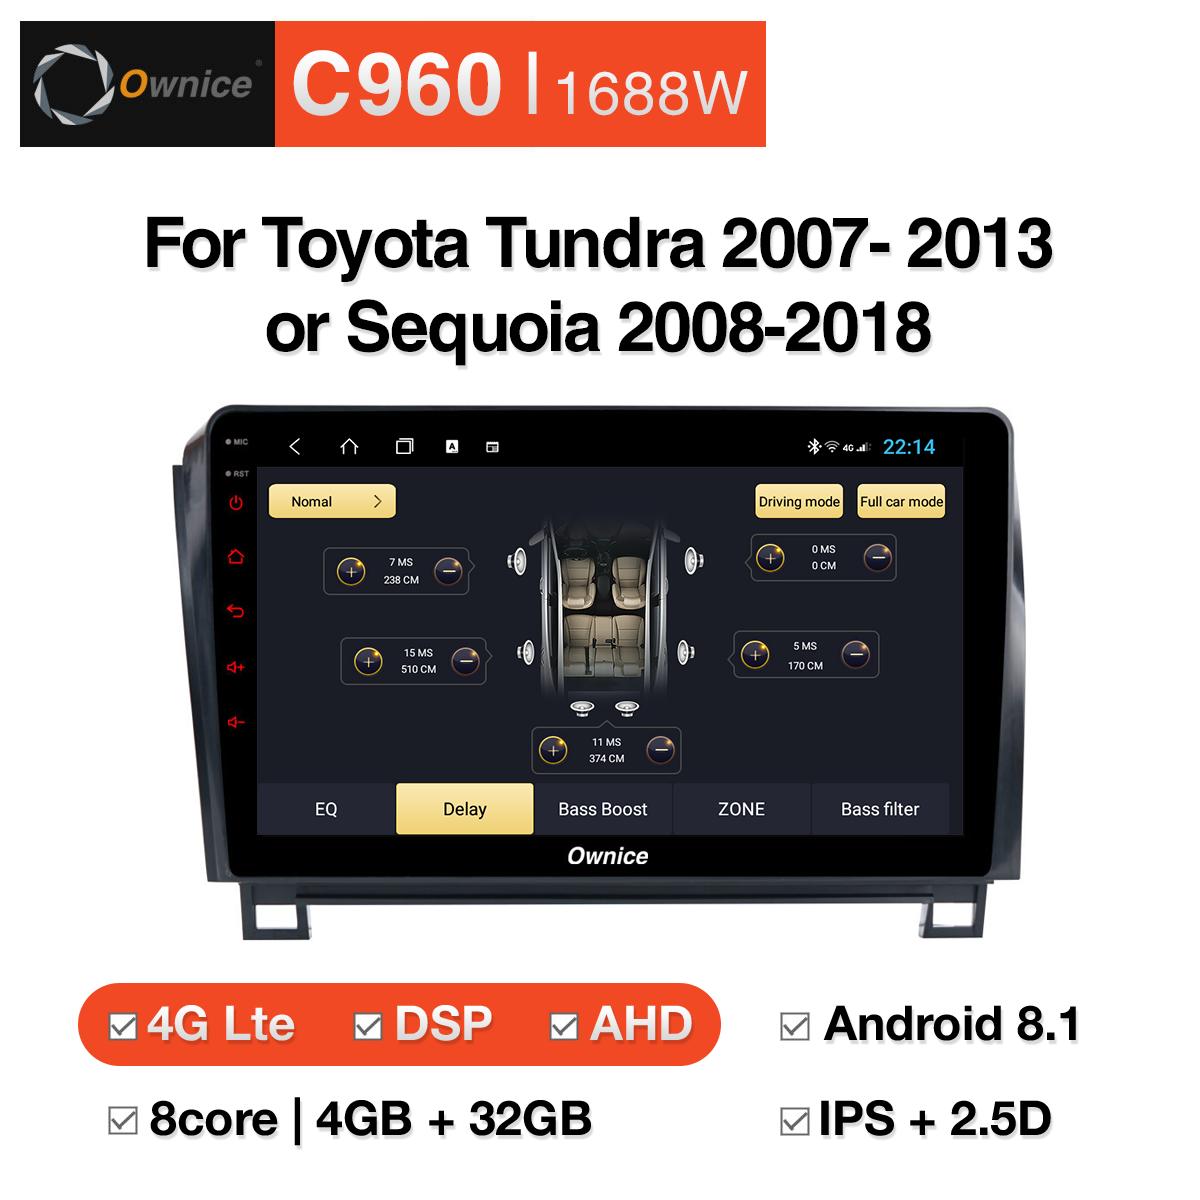 Đầu DVD android Ownice C960 cho xe ô tô Toyota Tundra 2007-2013/Sequoia 2008-2018